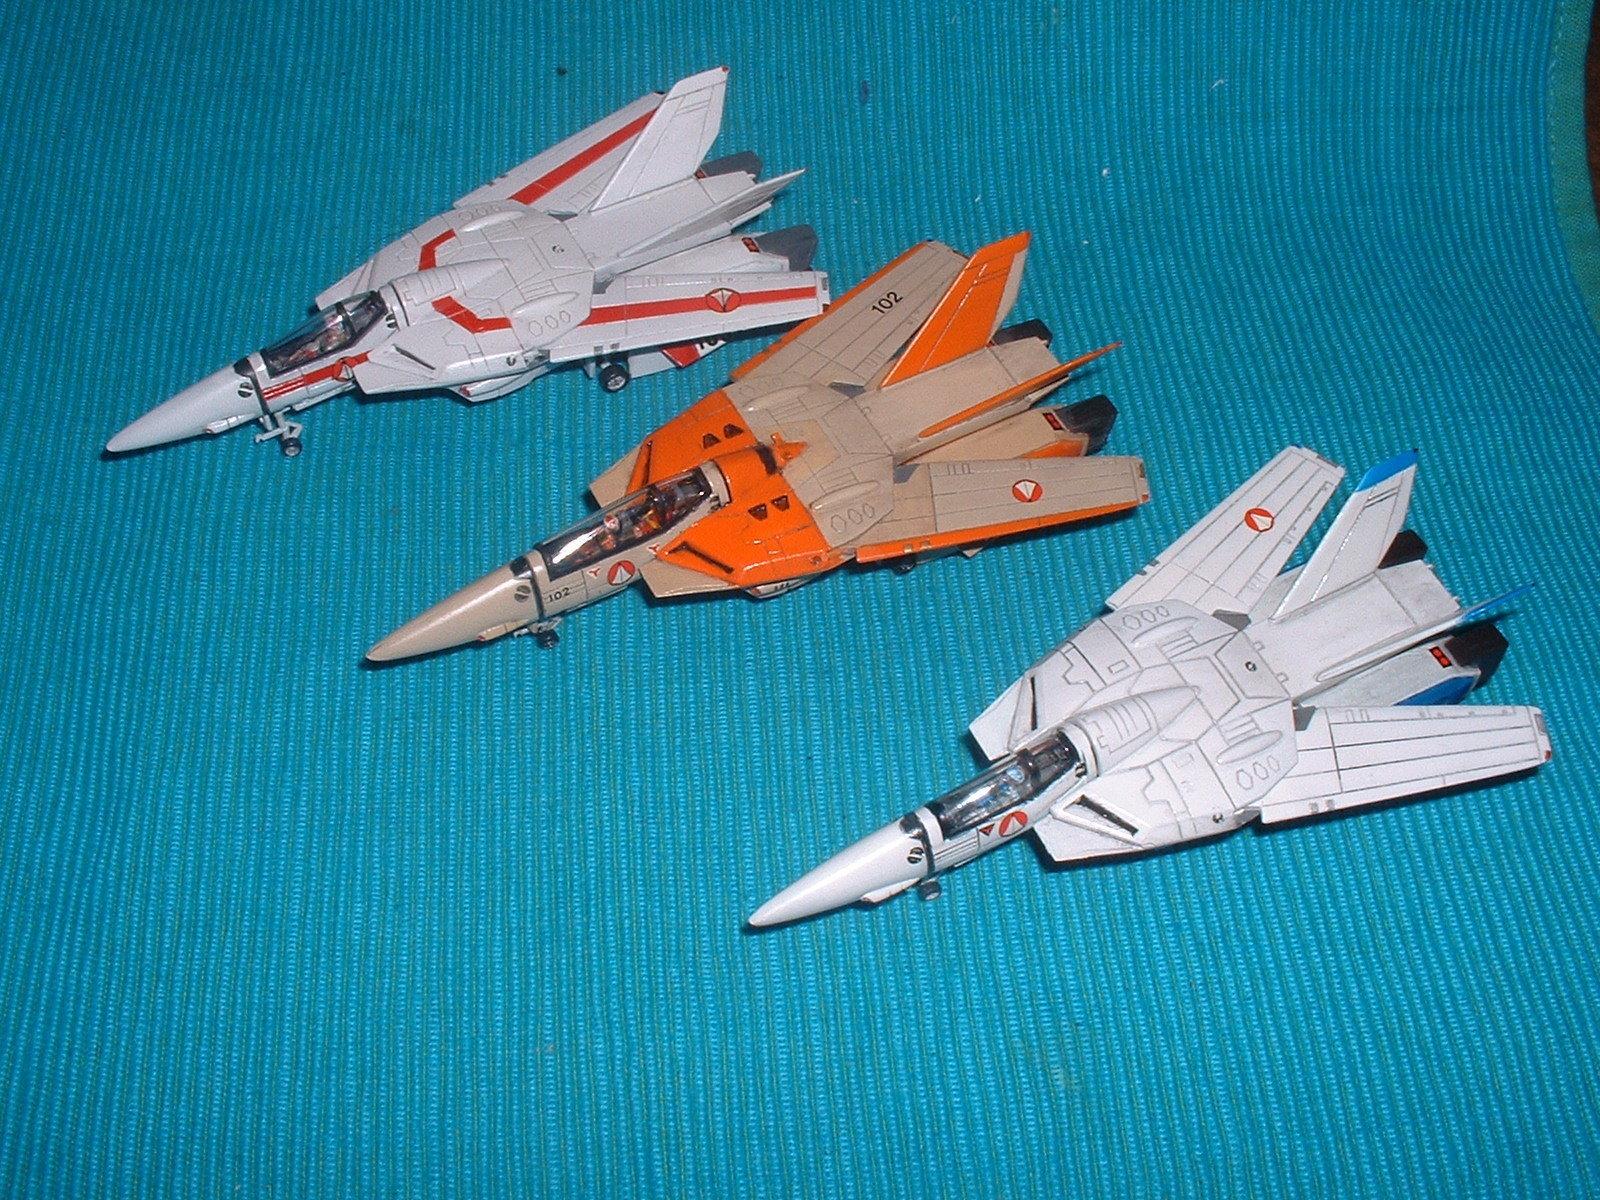 2015.07.22 時点での 有井 100分の1 「VF-1 ファイター」3種 Doburoku-TAO.JPG